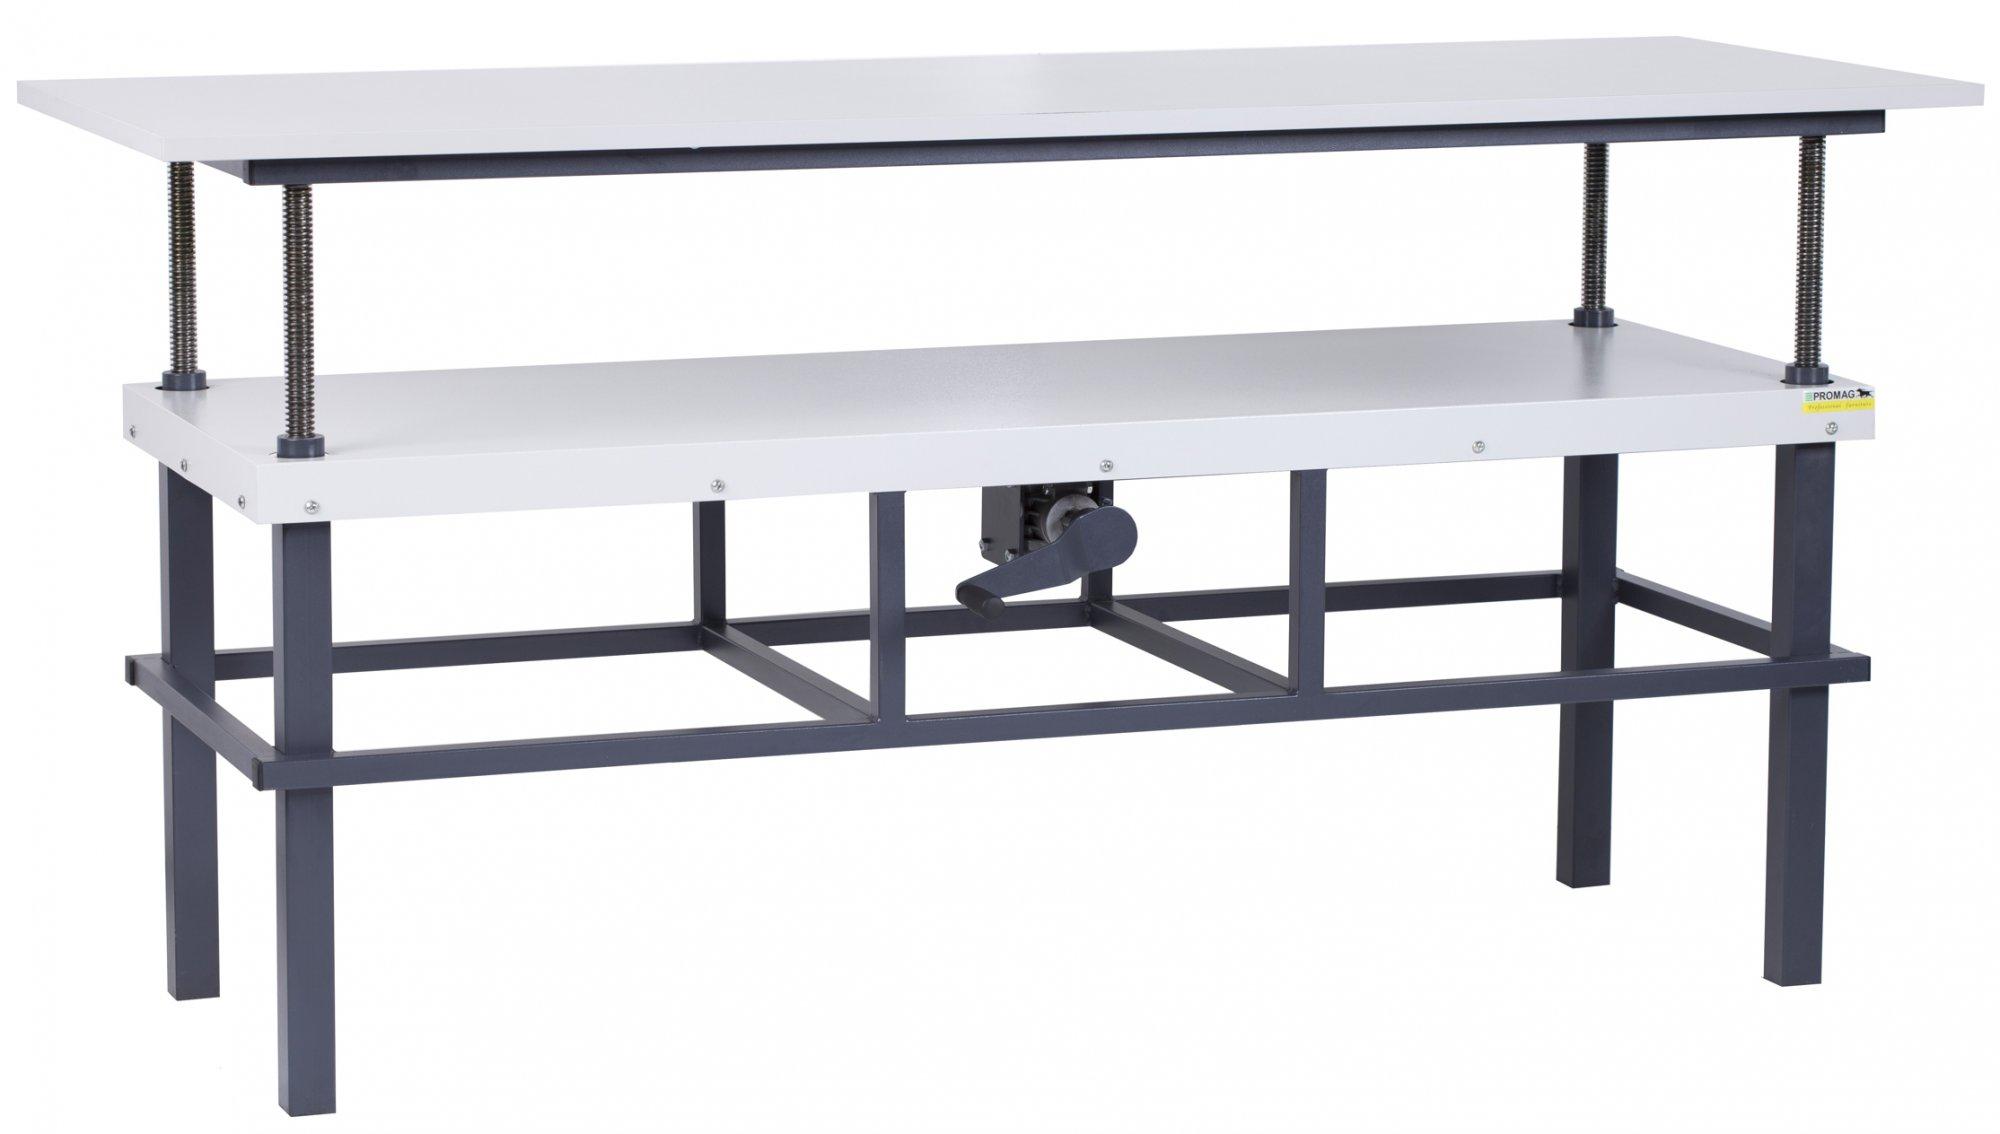 Stół kompletacyjny z płynną regulacją wysokości